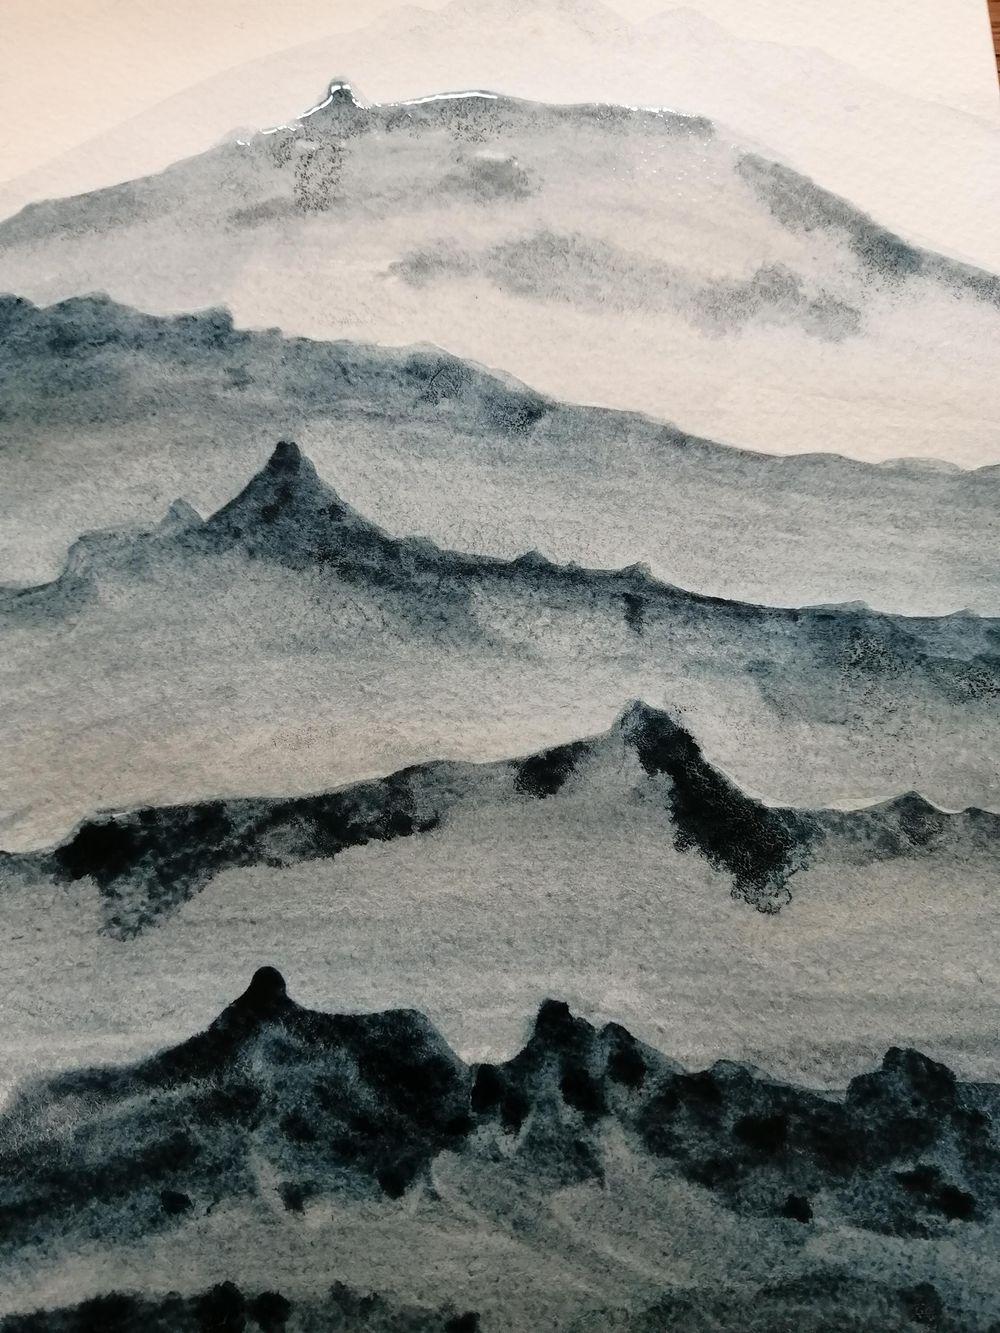 Landscape - image 2 - student project